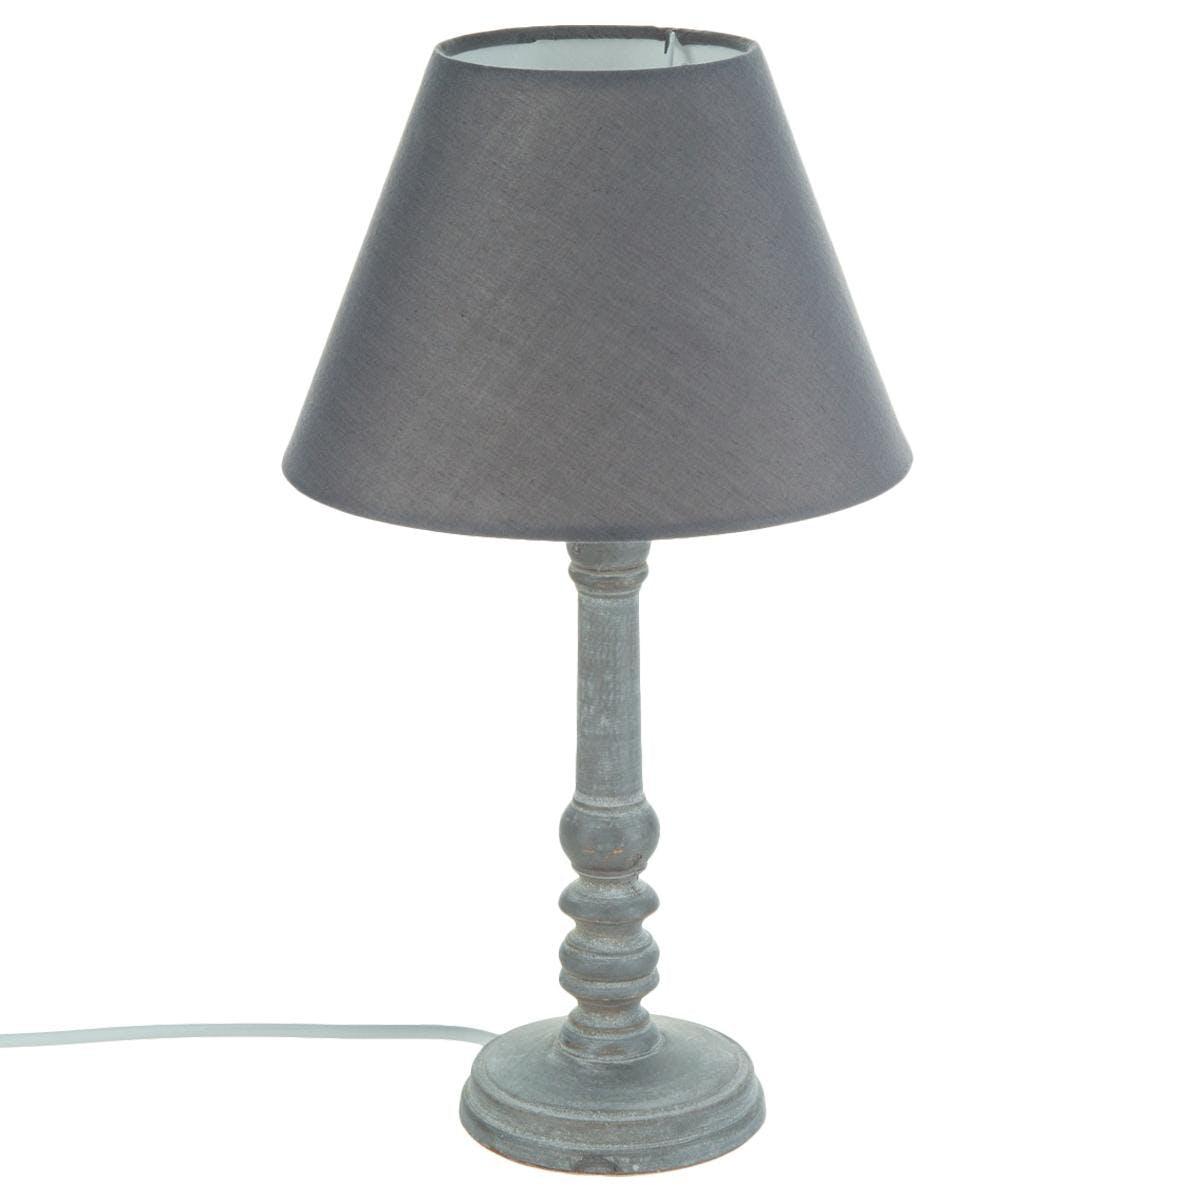 Lampe pied tourné bois patiné gris base ronde et abat-jour coton gris D20xH36cm